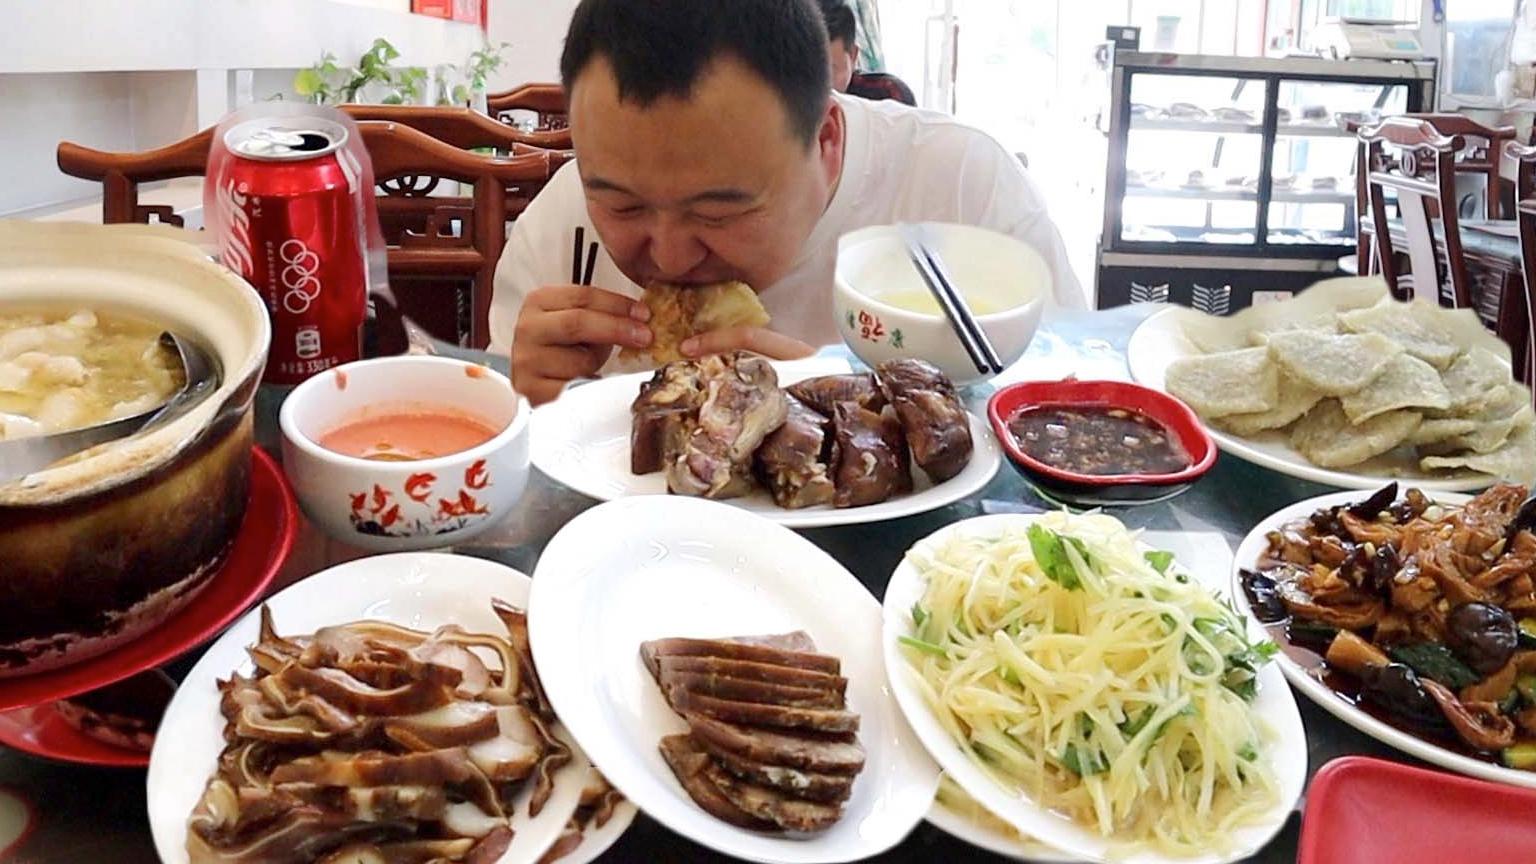 小伙去,北京昌平某众点评第一的北京菜,酱肉,酸菜白肉,真过瘾!